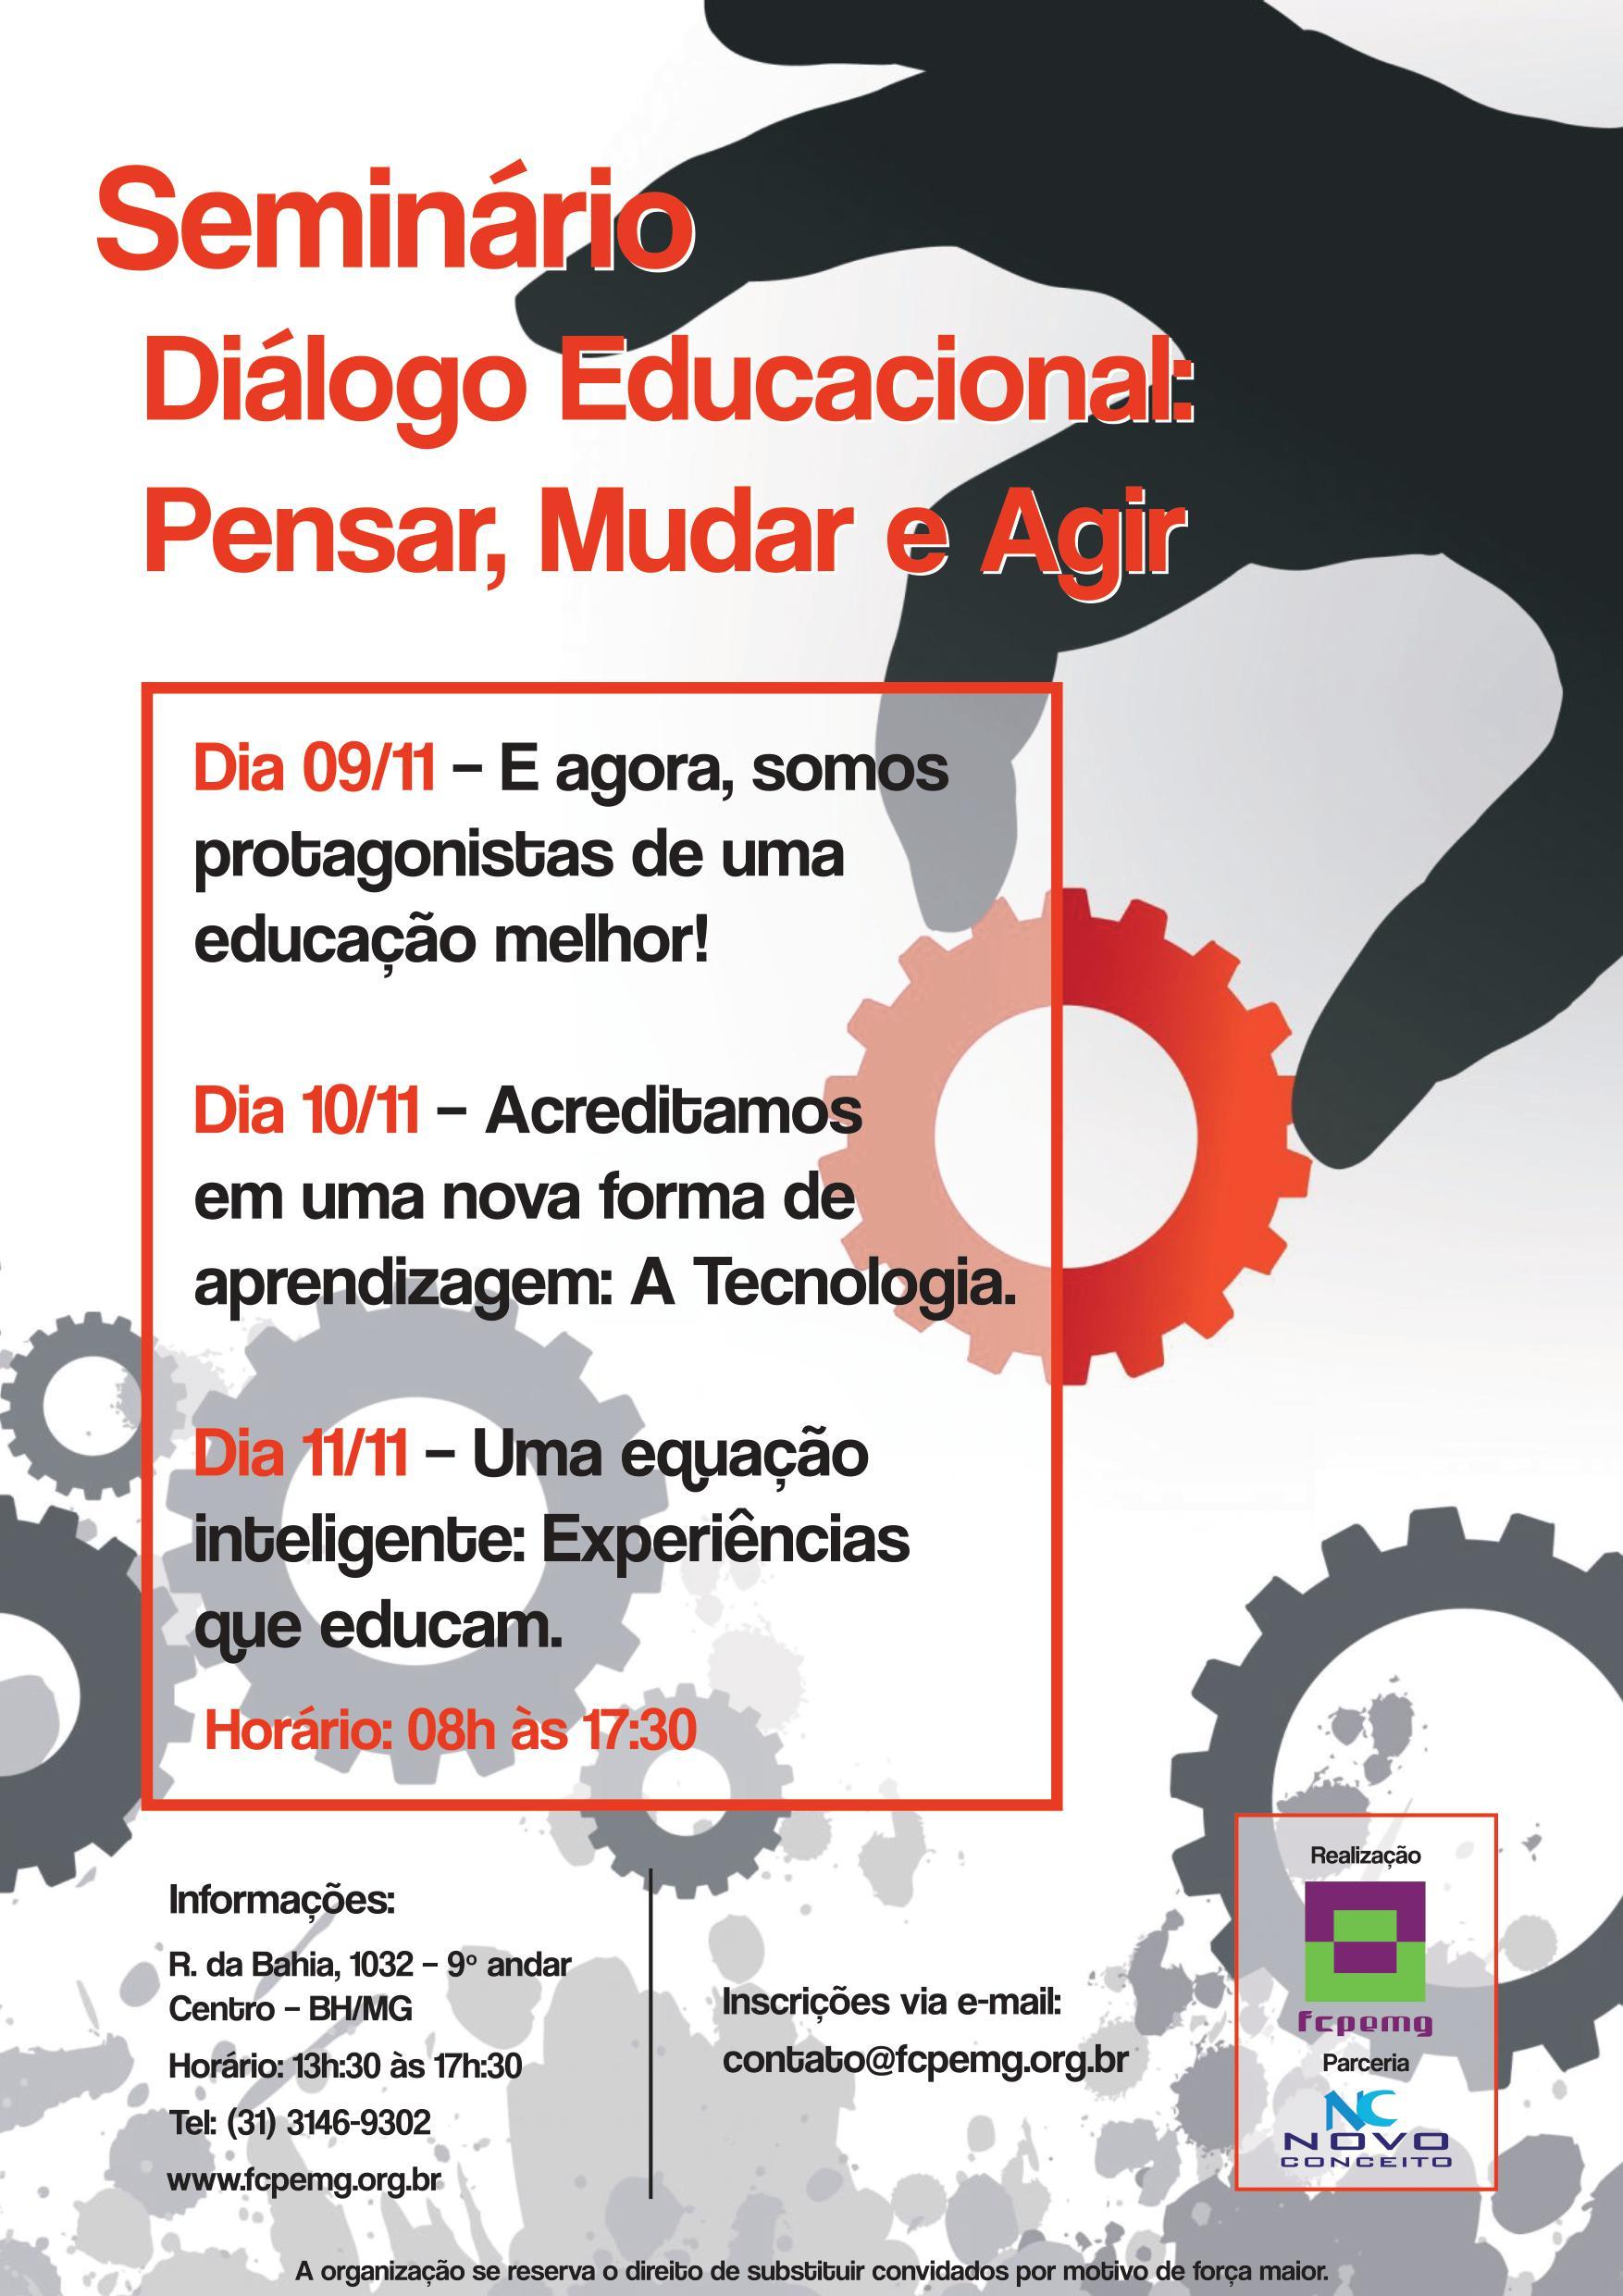 seminario-dialogo-educacional-pensar-mudar-e-agir